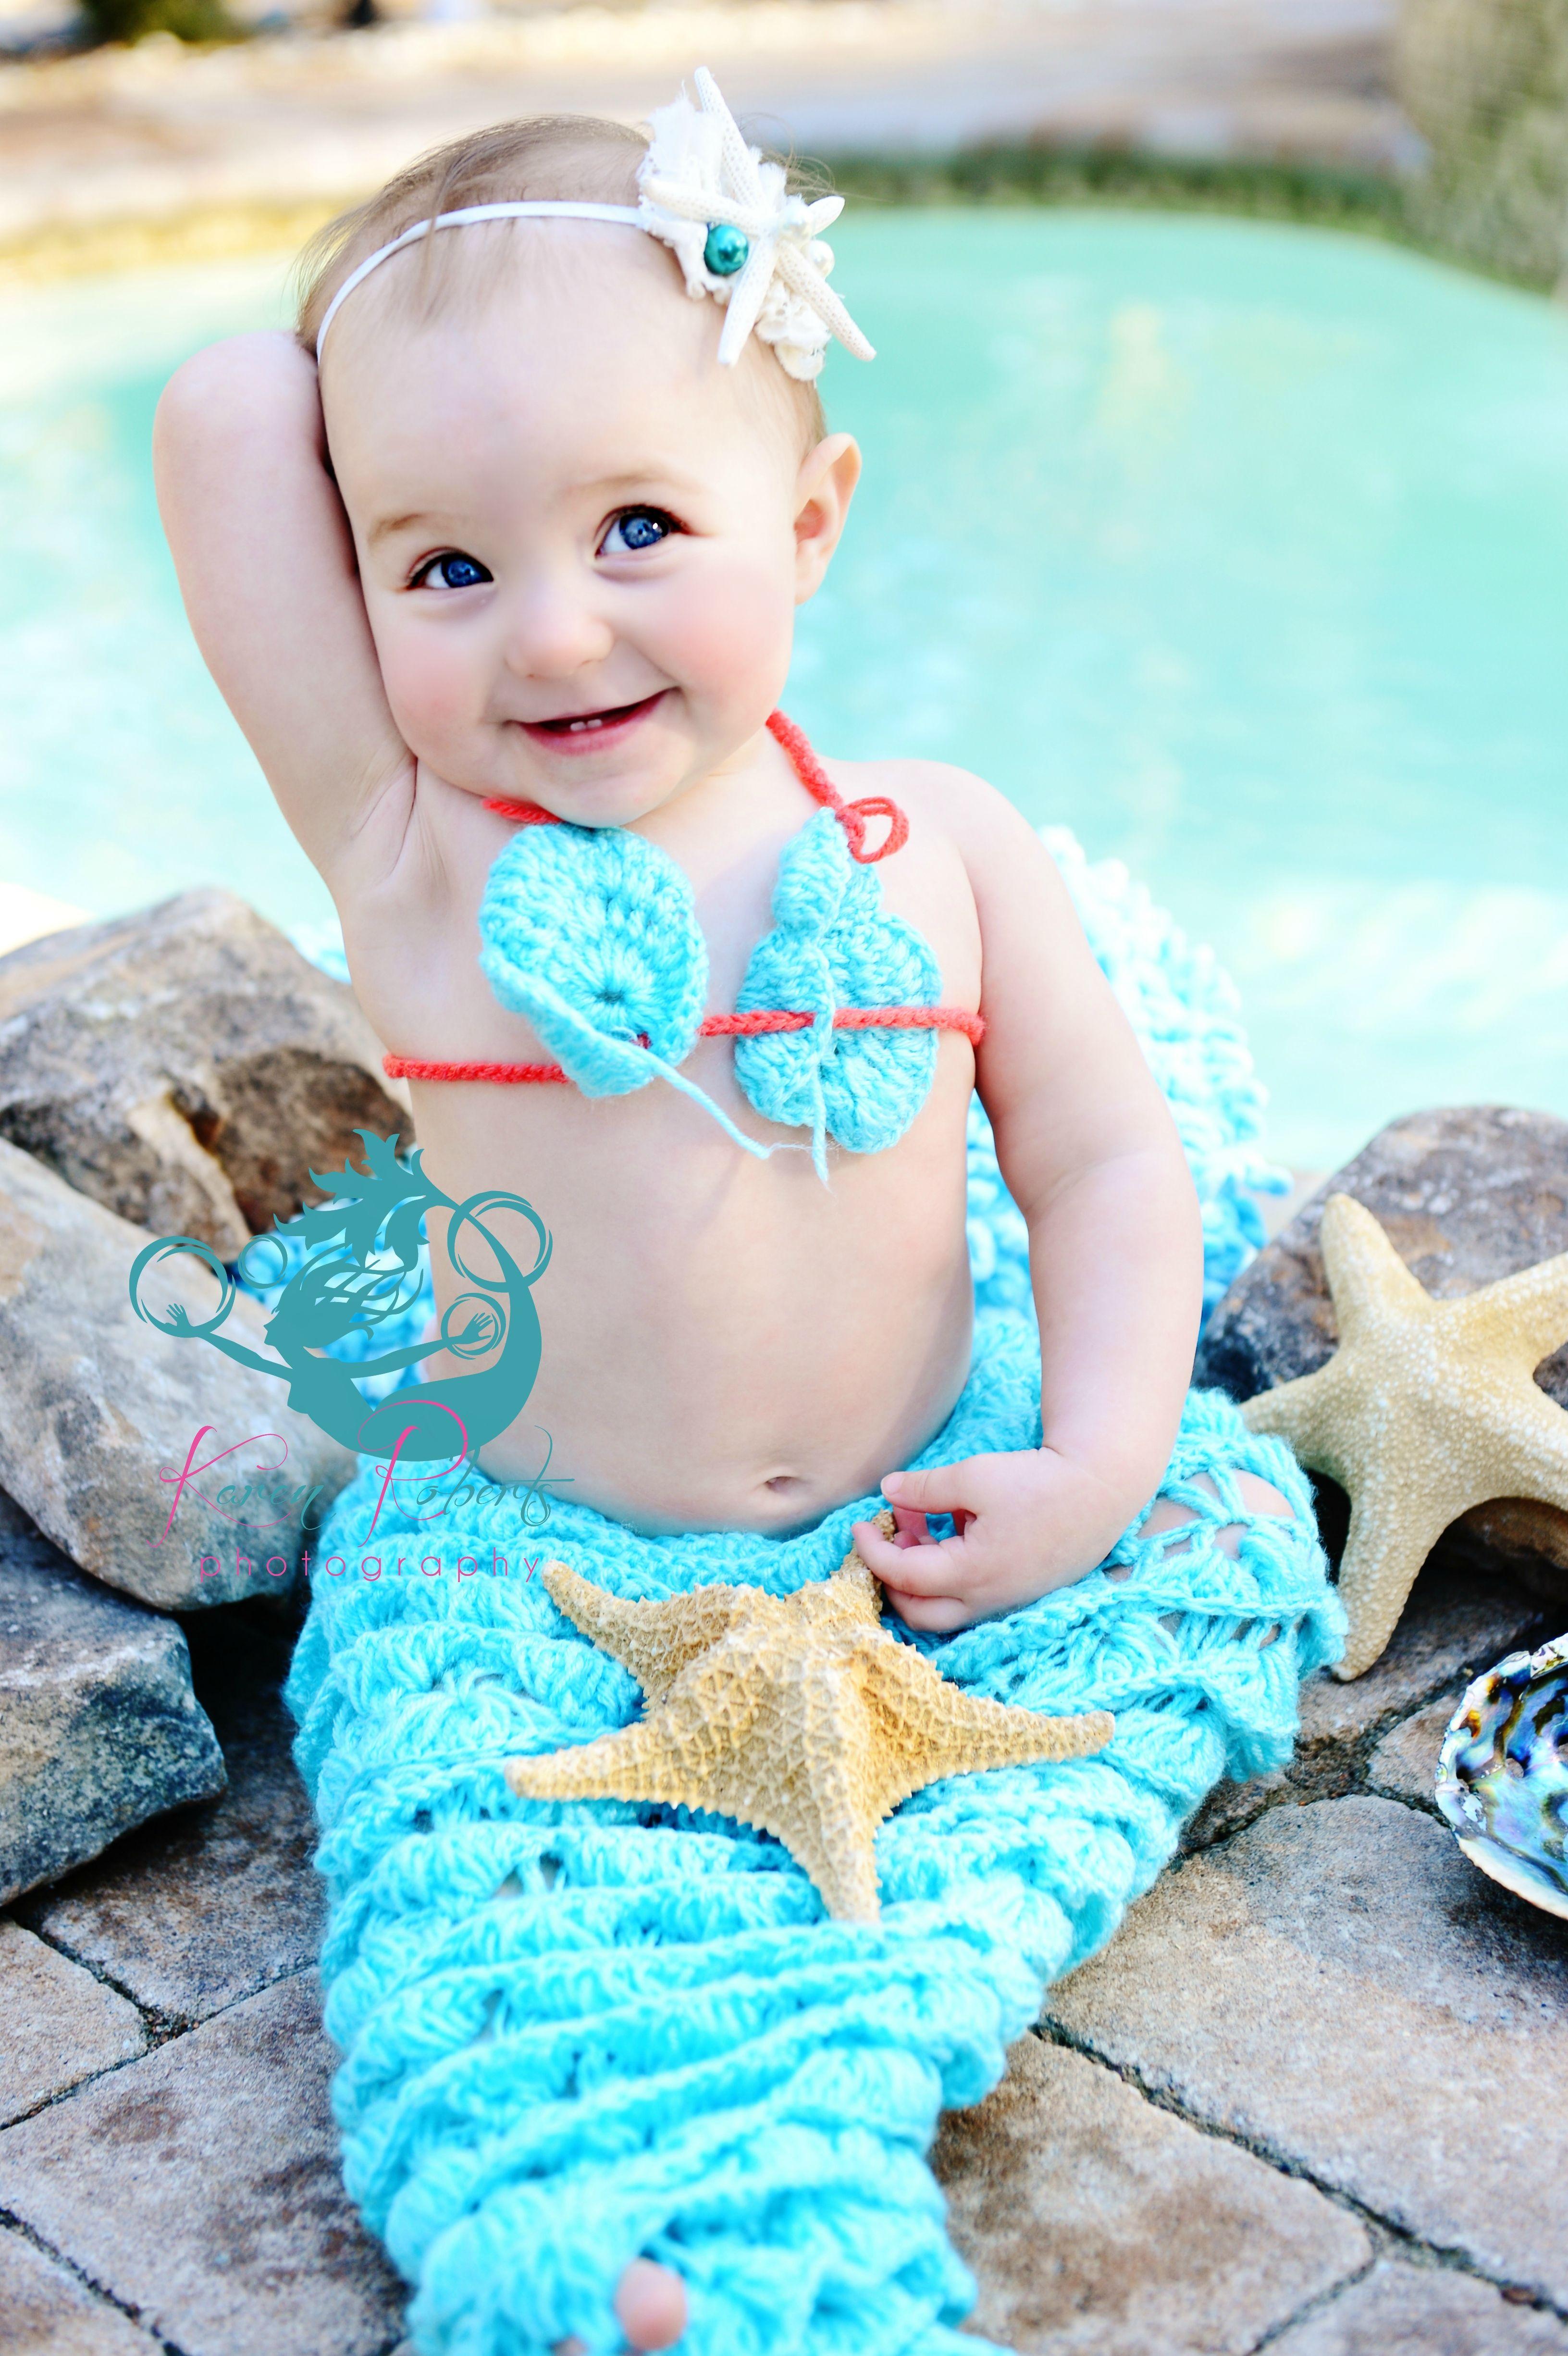 Mermaid Photo Shoot Baby Mermaid Karen Roberts Photography